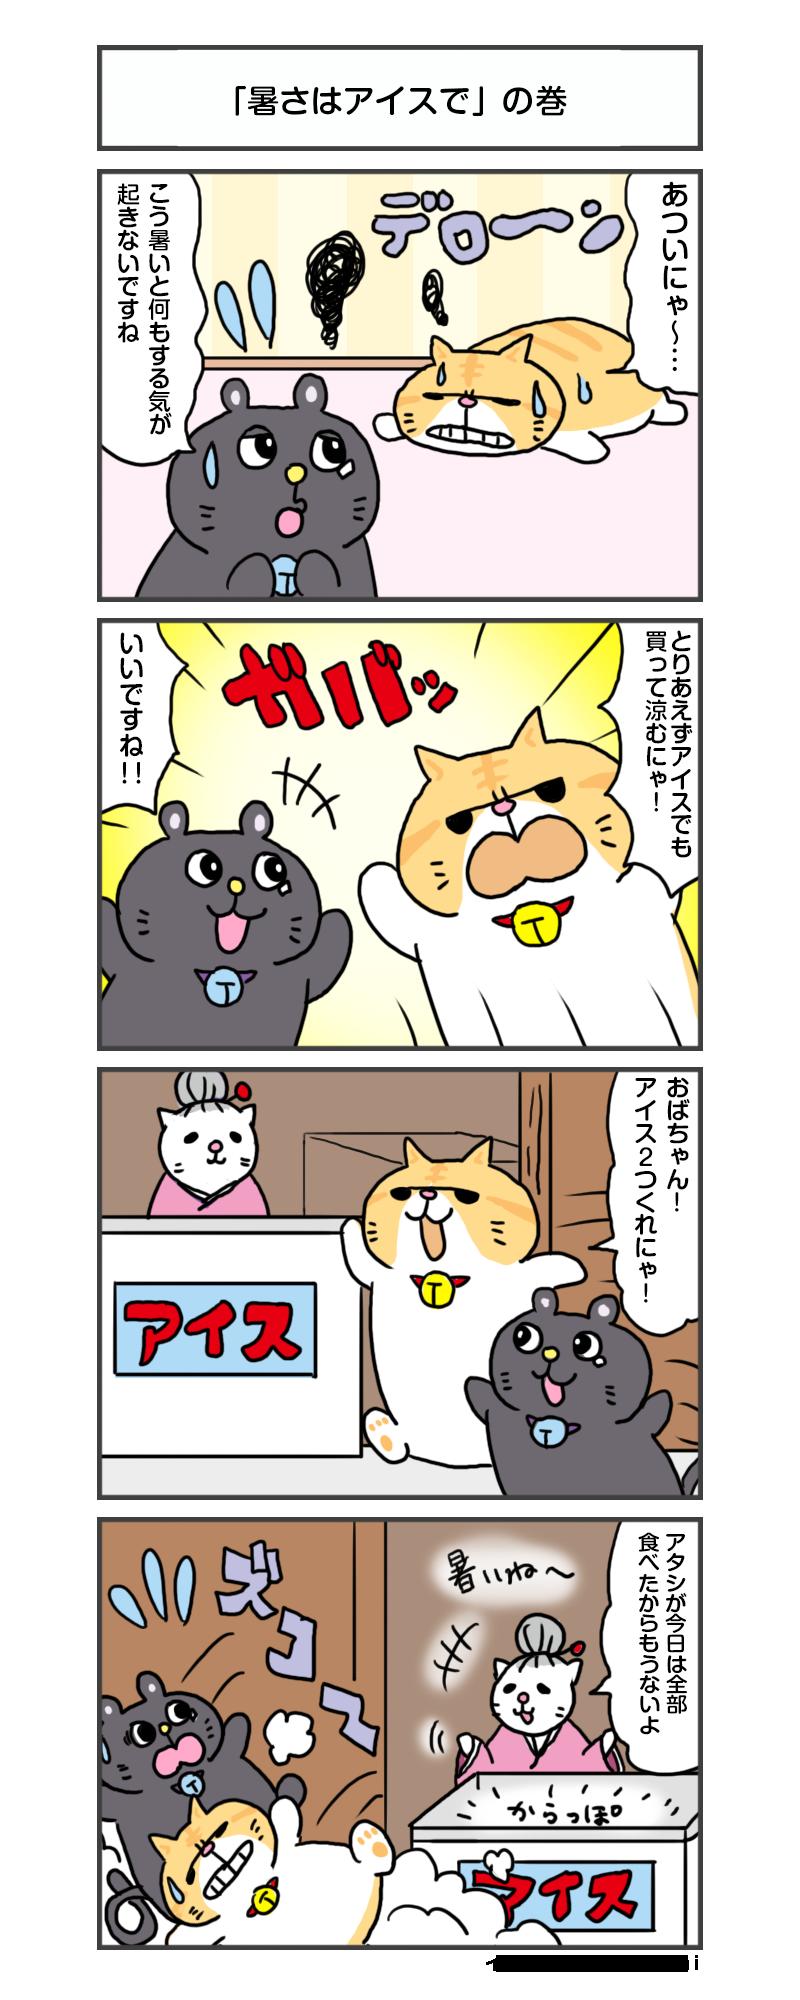 縺医″縺昴y縺・anga_vol.203